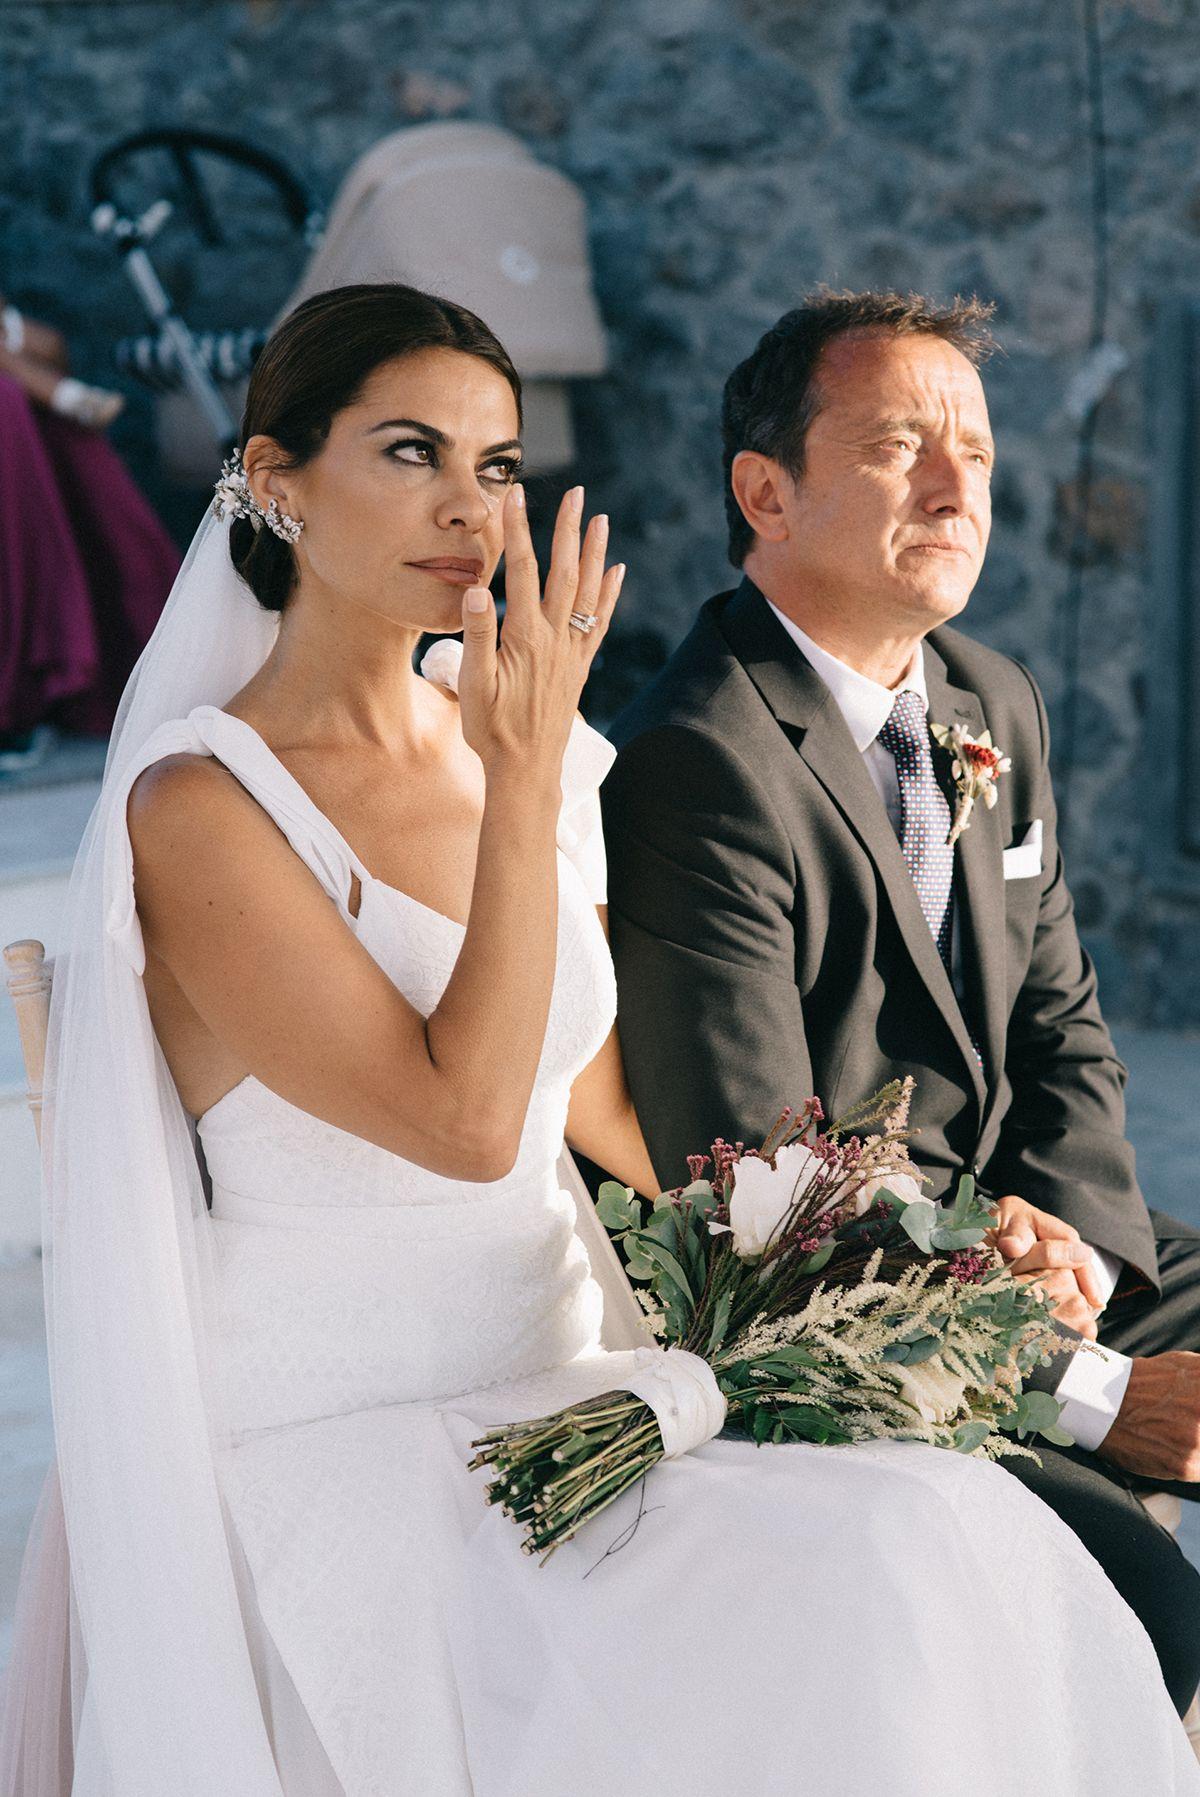 La boda de María José Suárez y Jordi Nieto